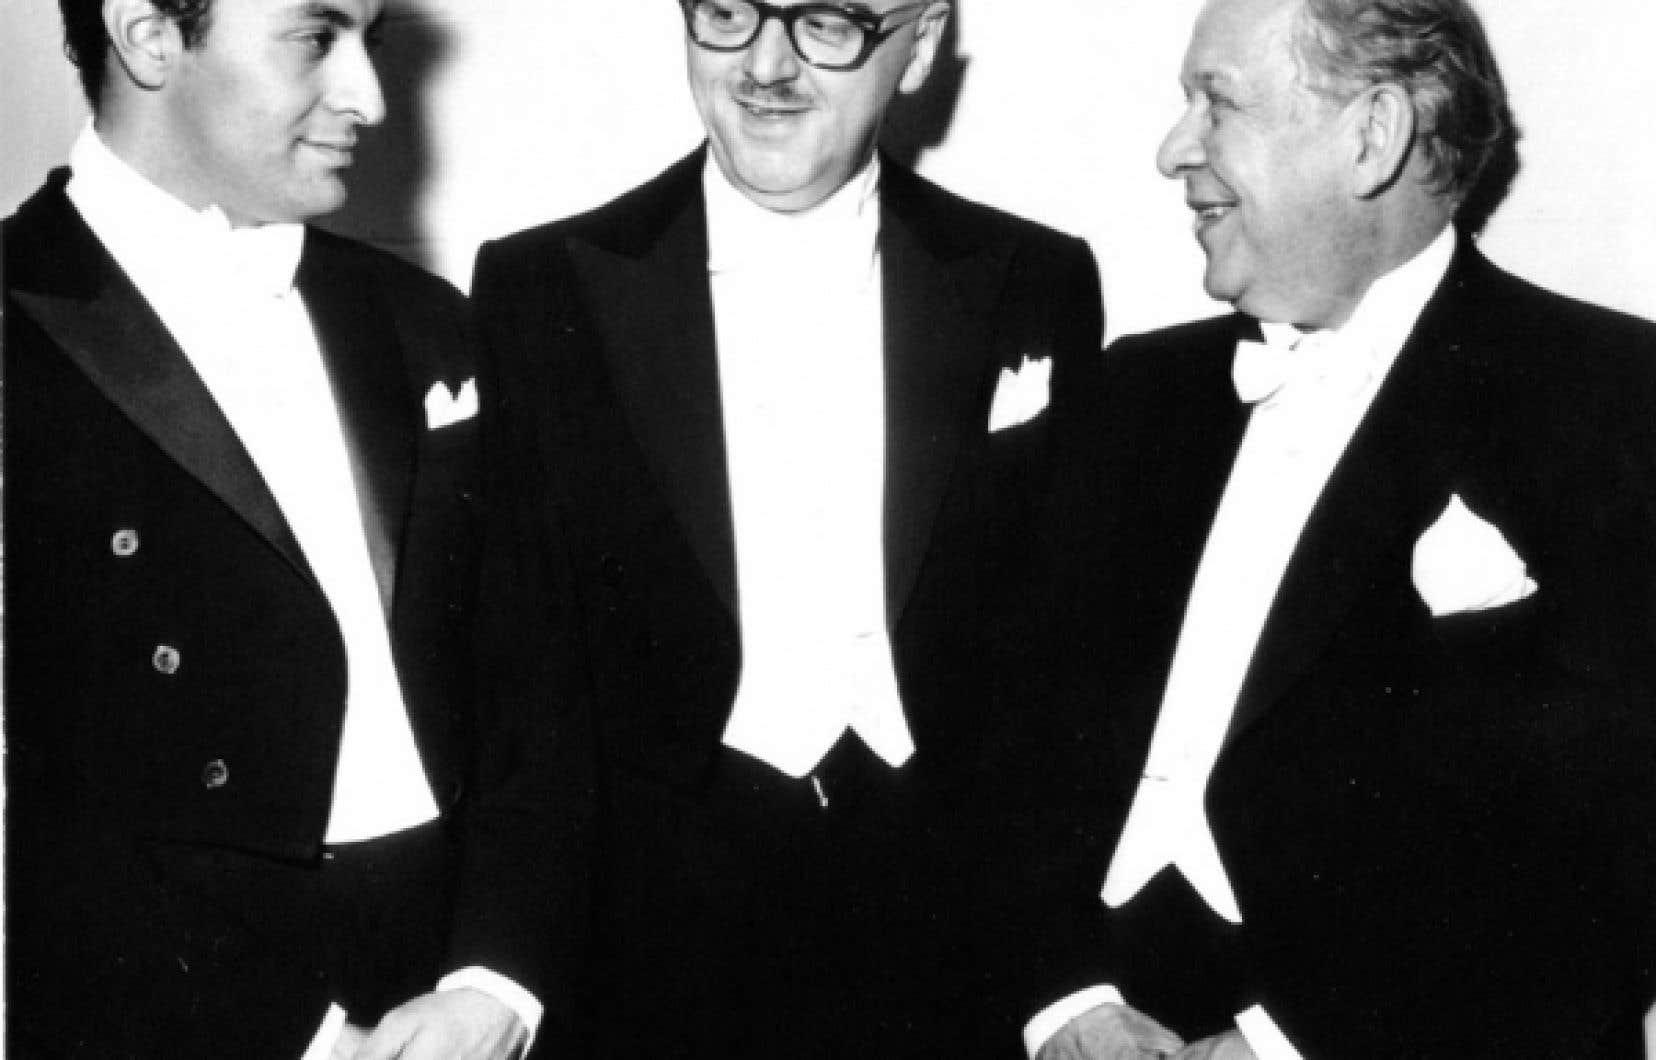 Wilfrid Pelletier, à droite, est le premier directeur musical de l'OSM. Il a partagé avec Zubin Mehta (à gauche) le concert inaugural de la Place des Arts, le 21 septembre 1963.